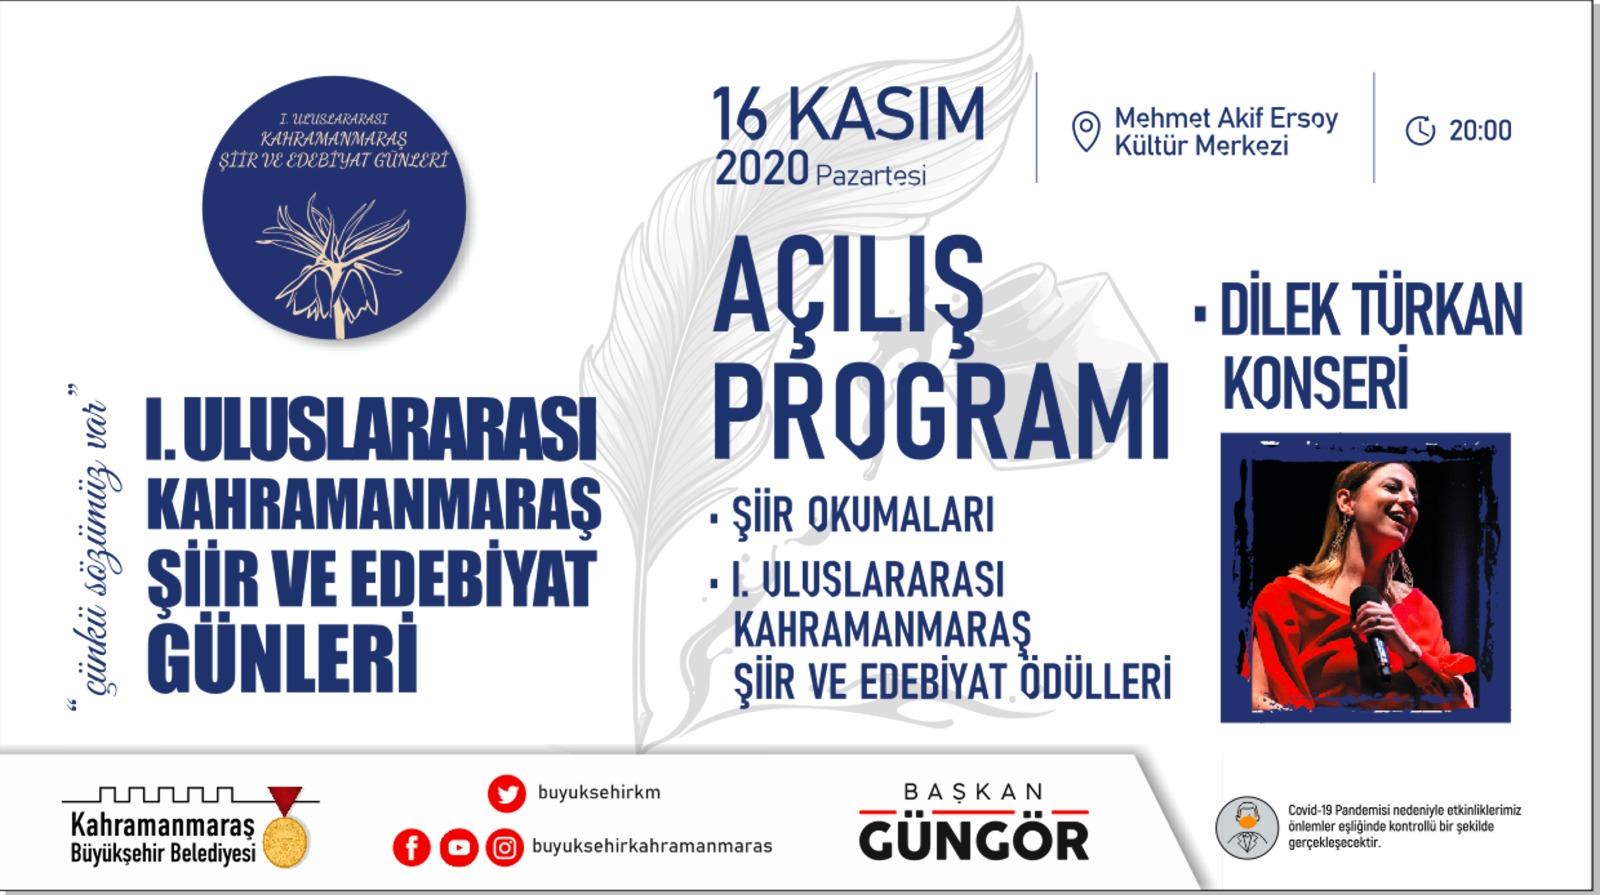 16_kasim (1)